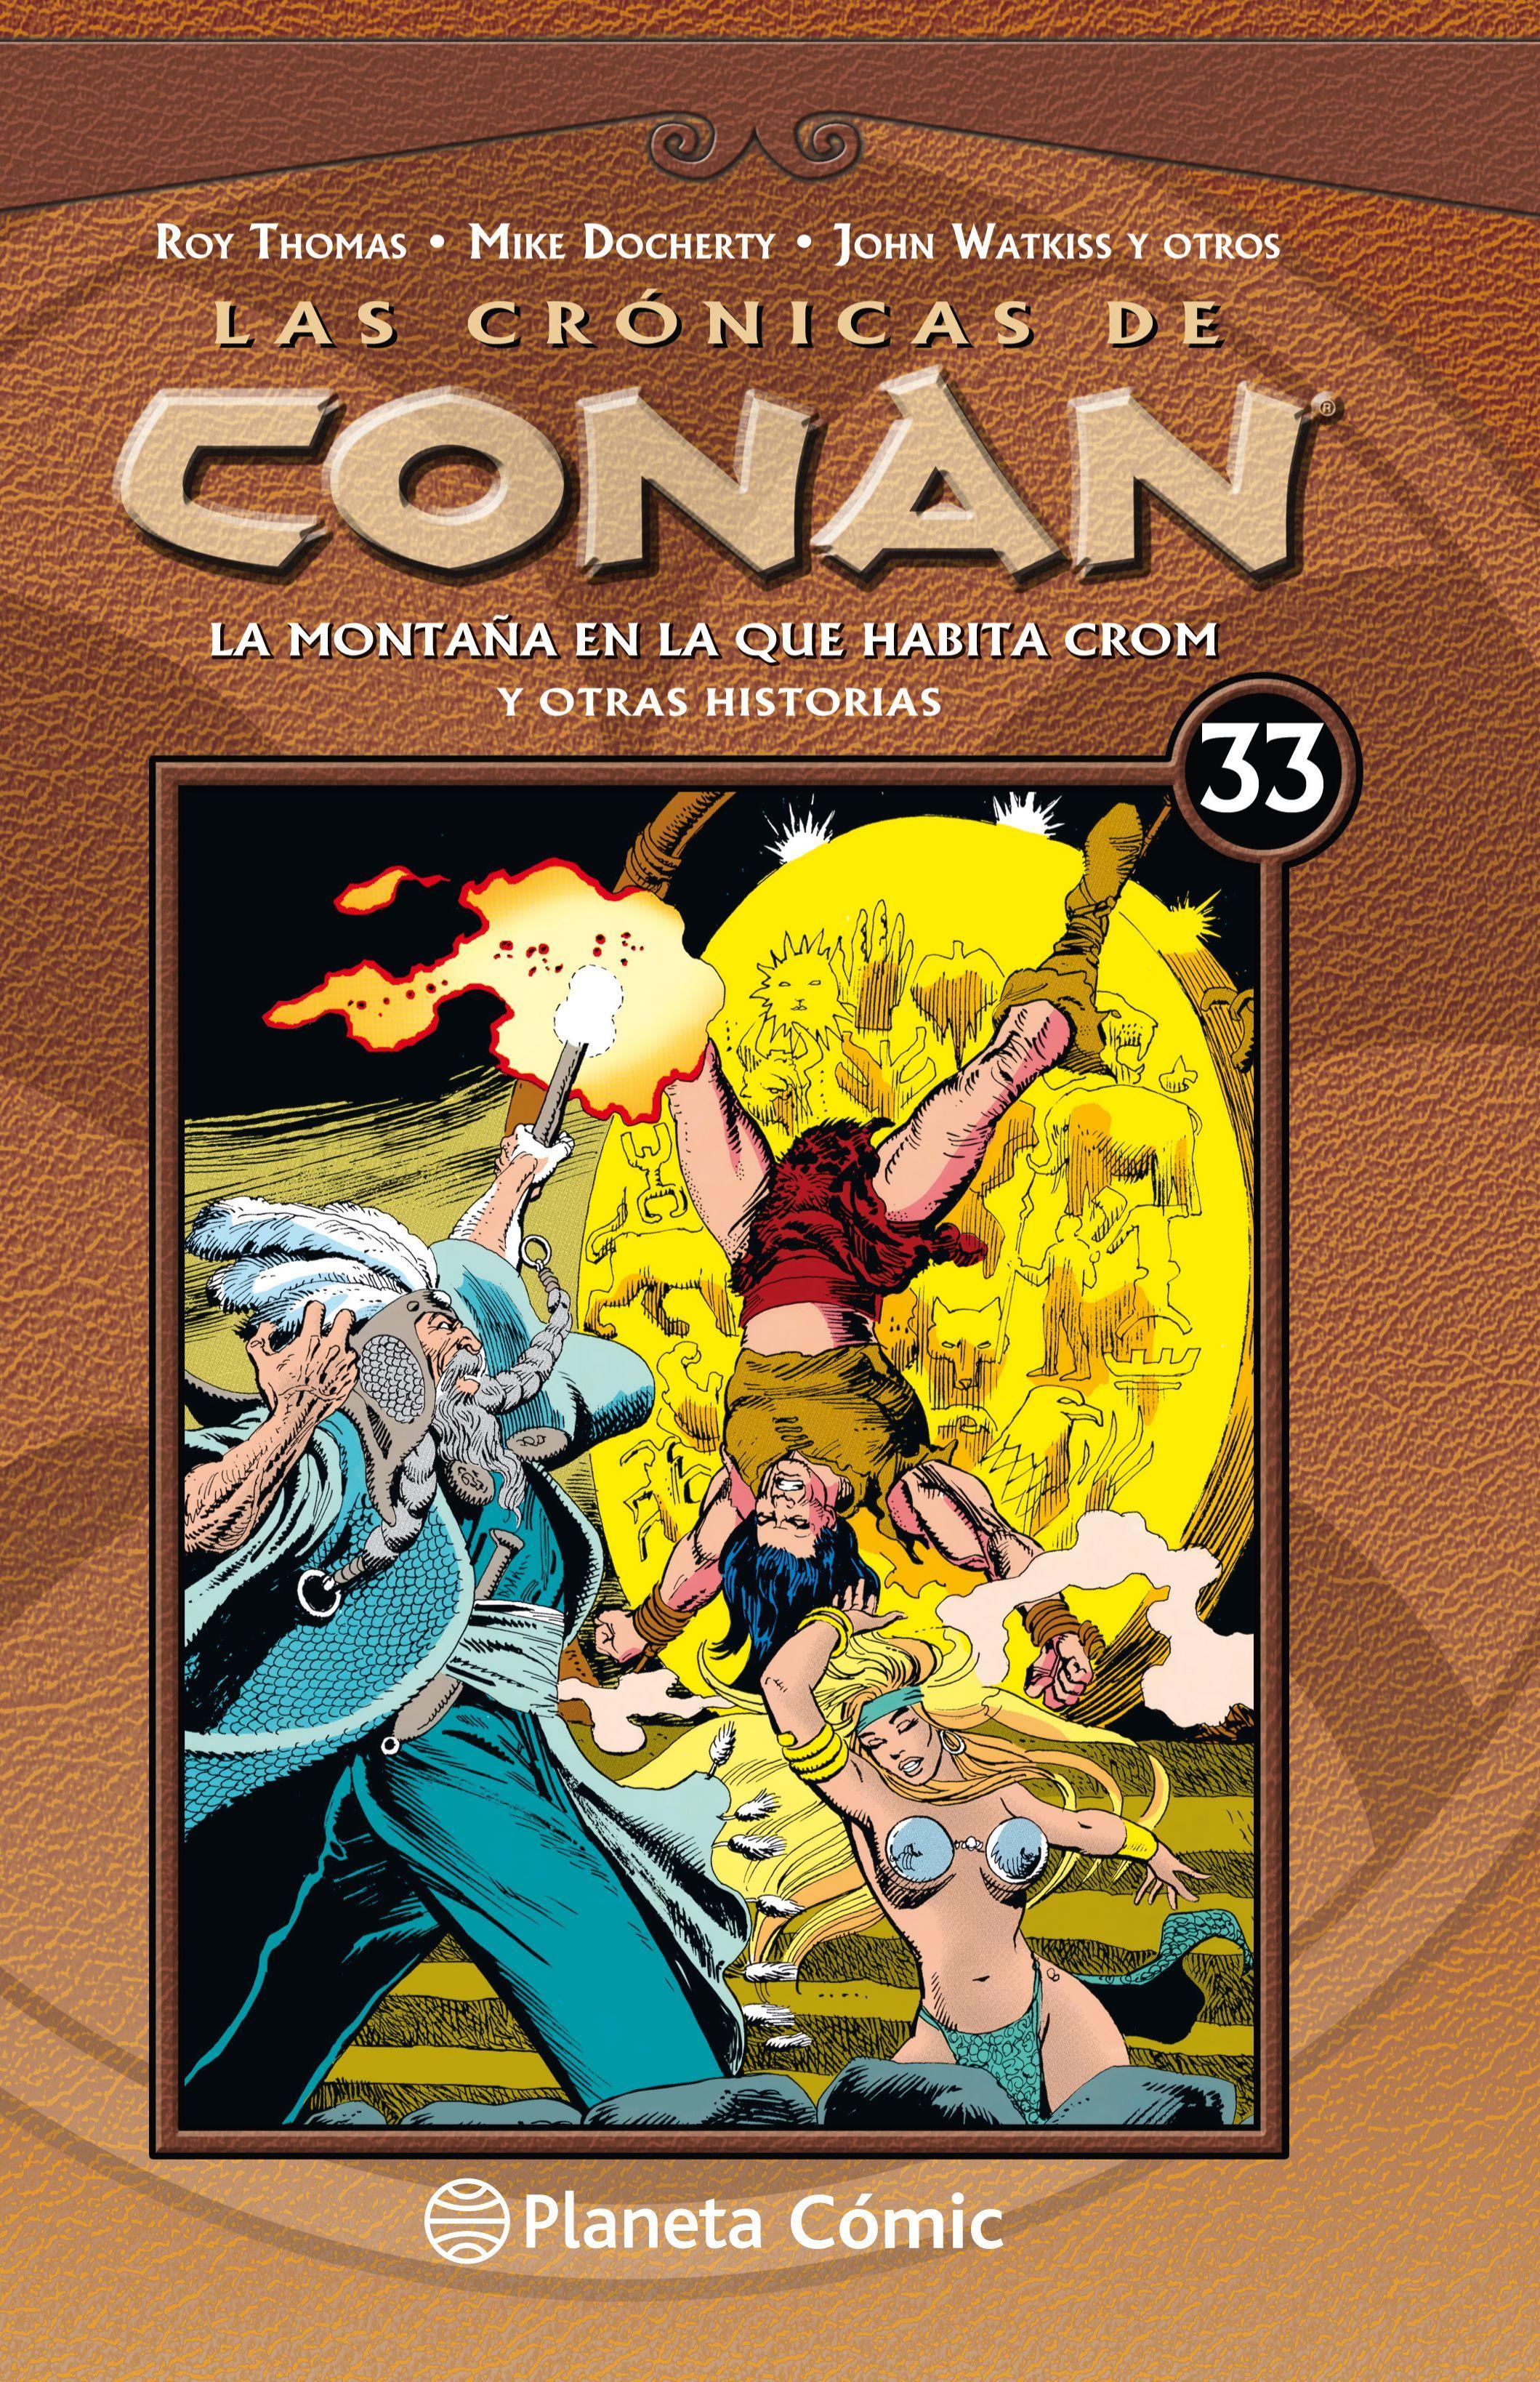 CRONICAS DE CONAN Nº 33/34 LAS